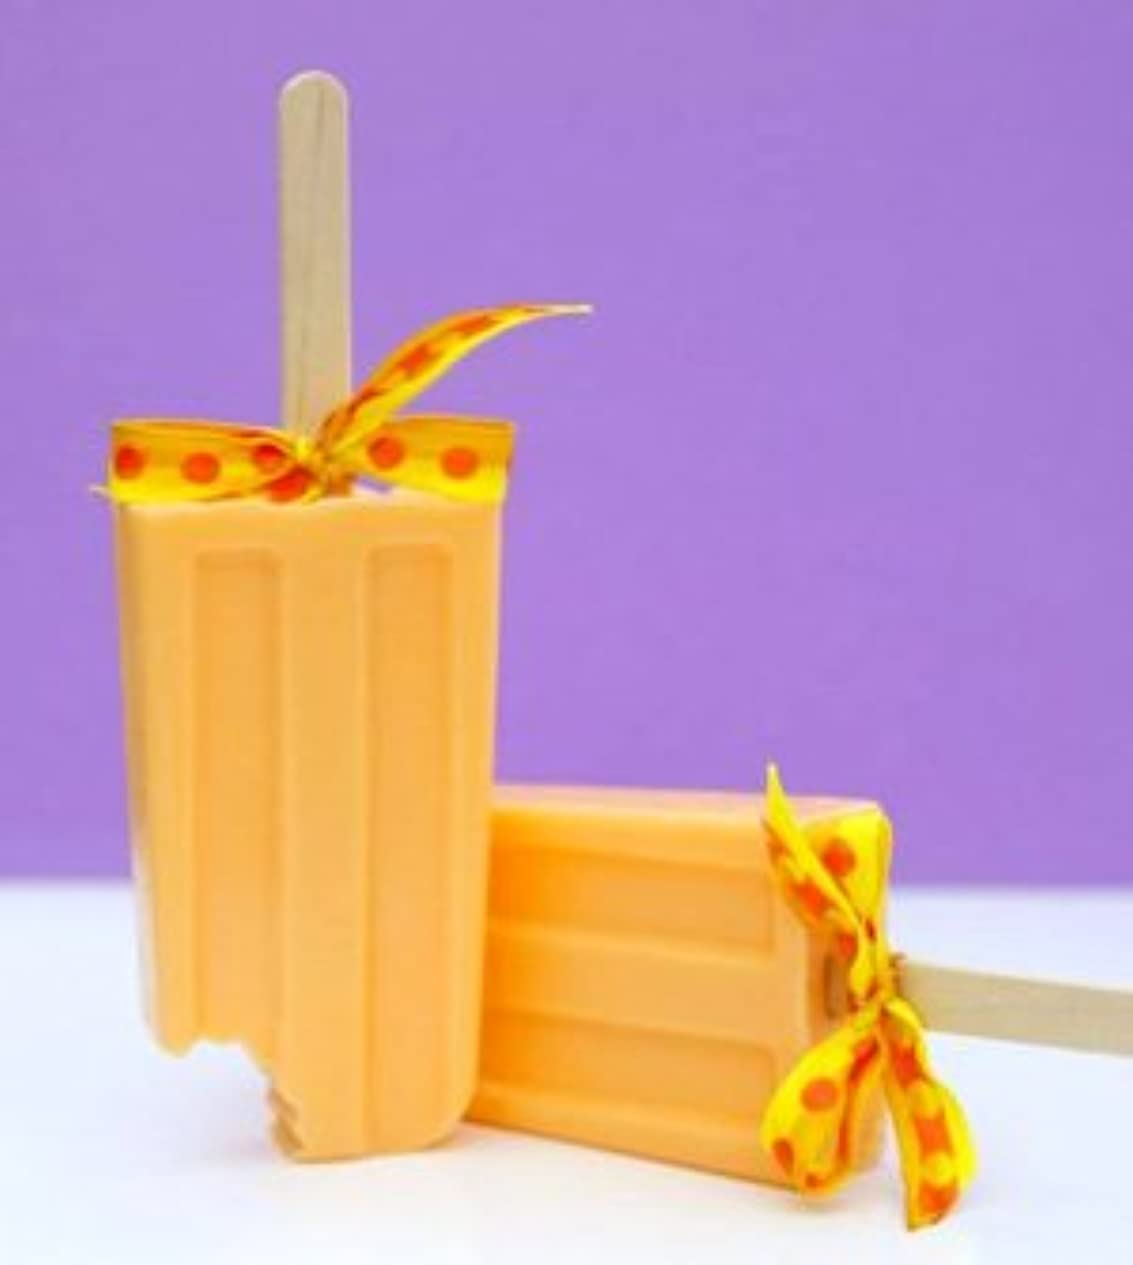 ヒップヒゲ特異なsoapy love(ソーピーラブ) Orange オレンジ セッケン ソープ ギフト プレゼント 石鹸 H14×W5×D2cm  (orange)